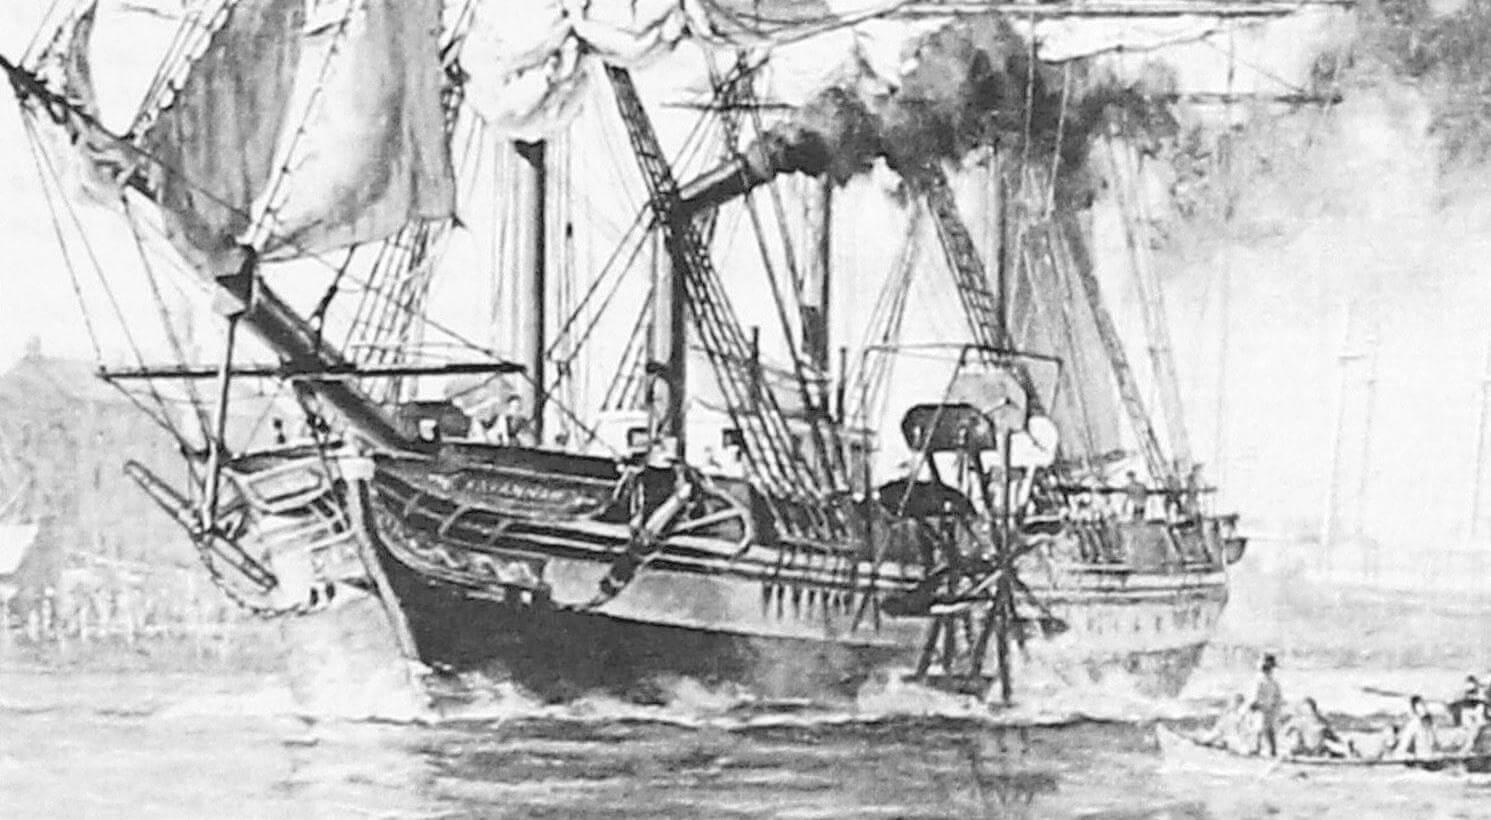 В конце второго десятилетия XIX века пароходы еще оставались «чудом техники», а потому во всех портах к «Саванне» проявляли немалый интерес